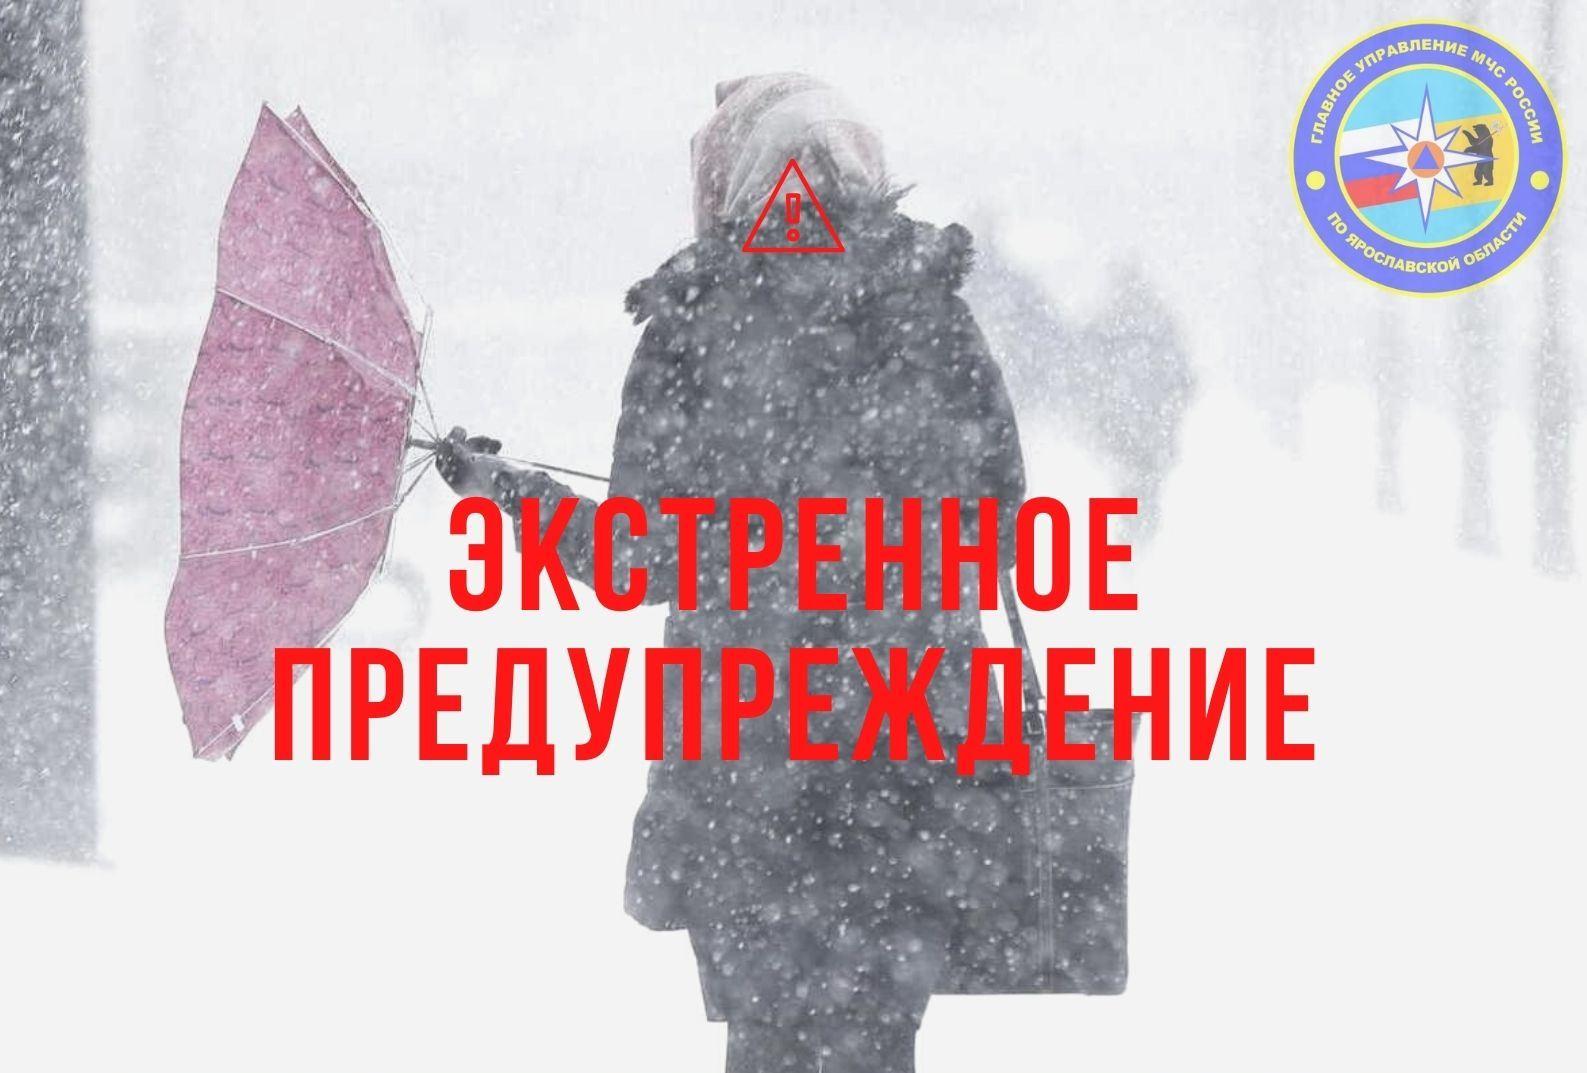 МЧС в Ярославской области опубликовало экстренное предупреждение о сильном снеге и ветре